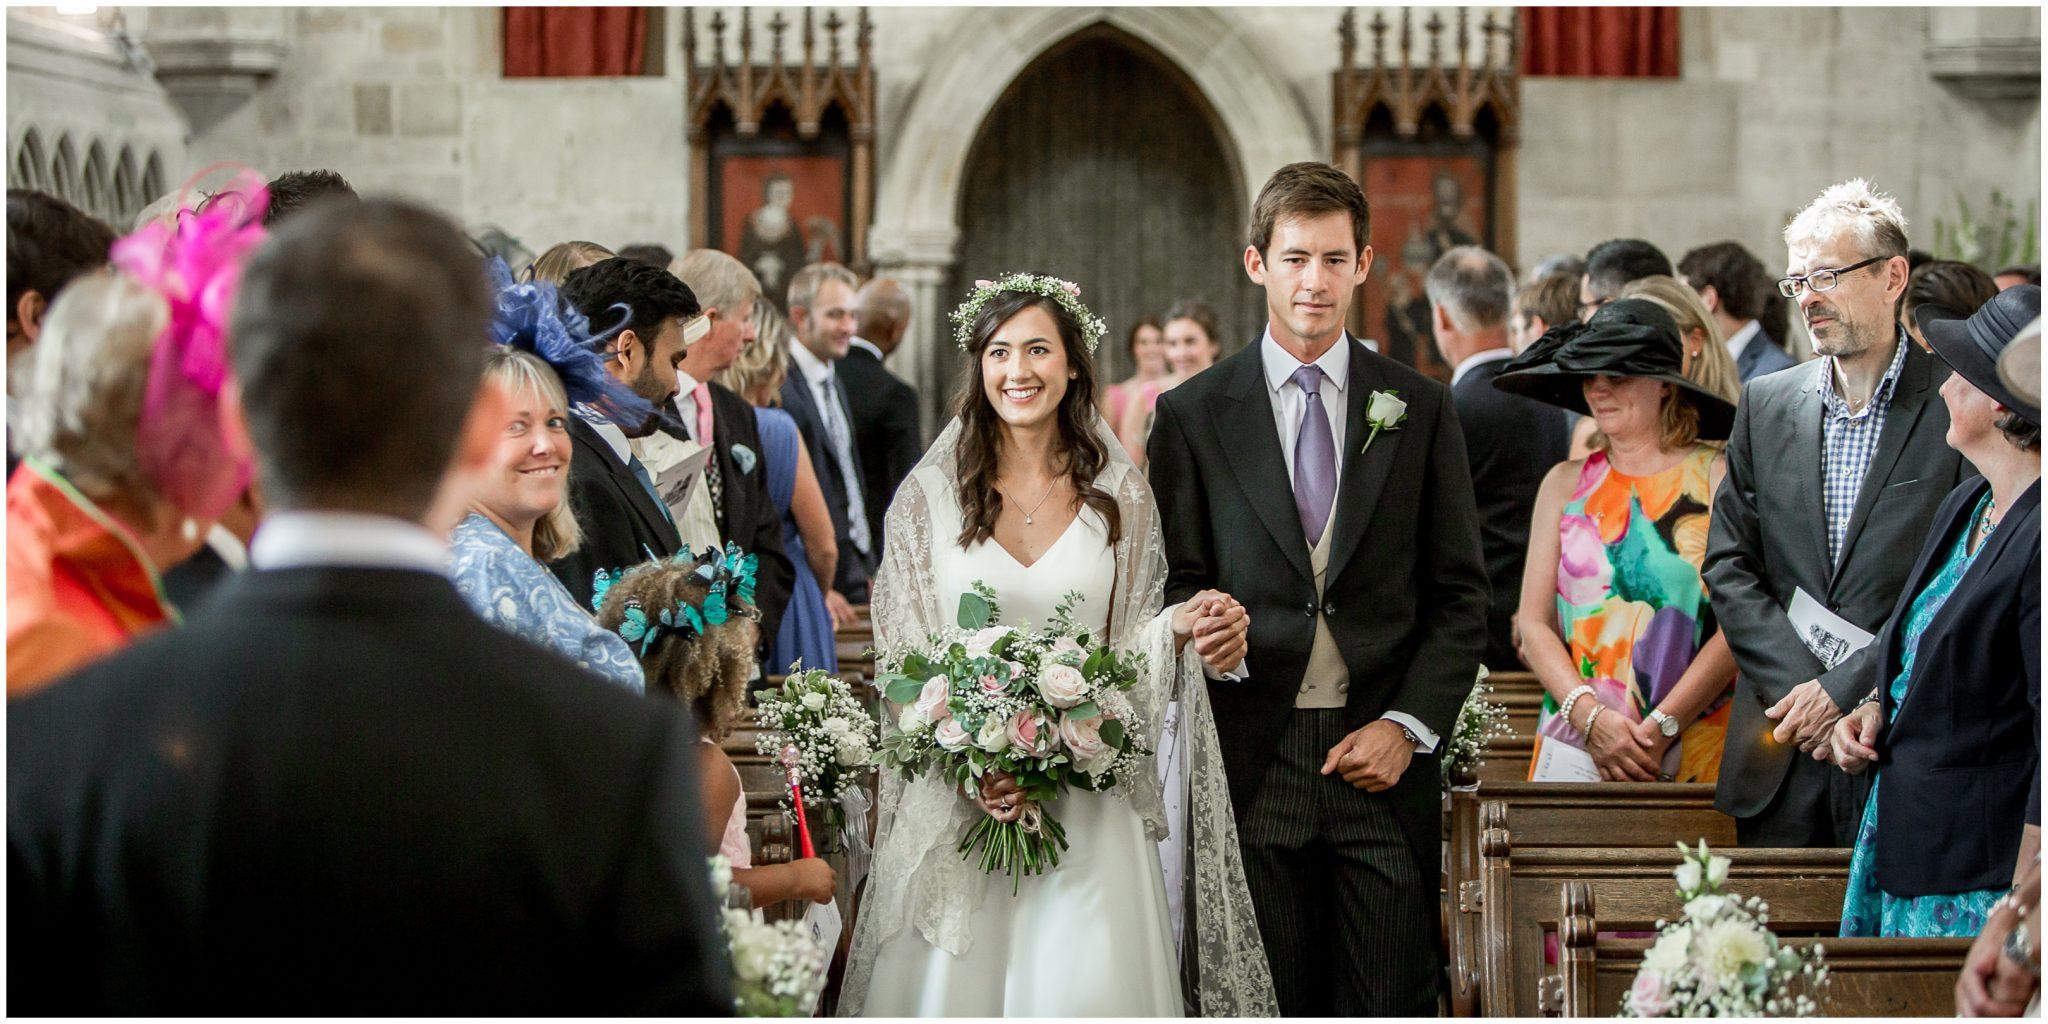 Bride walking the aisle